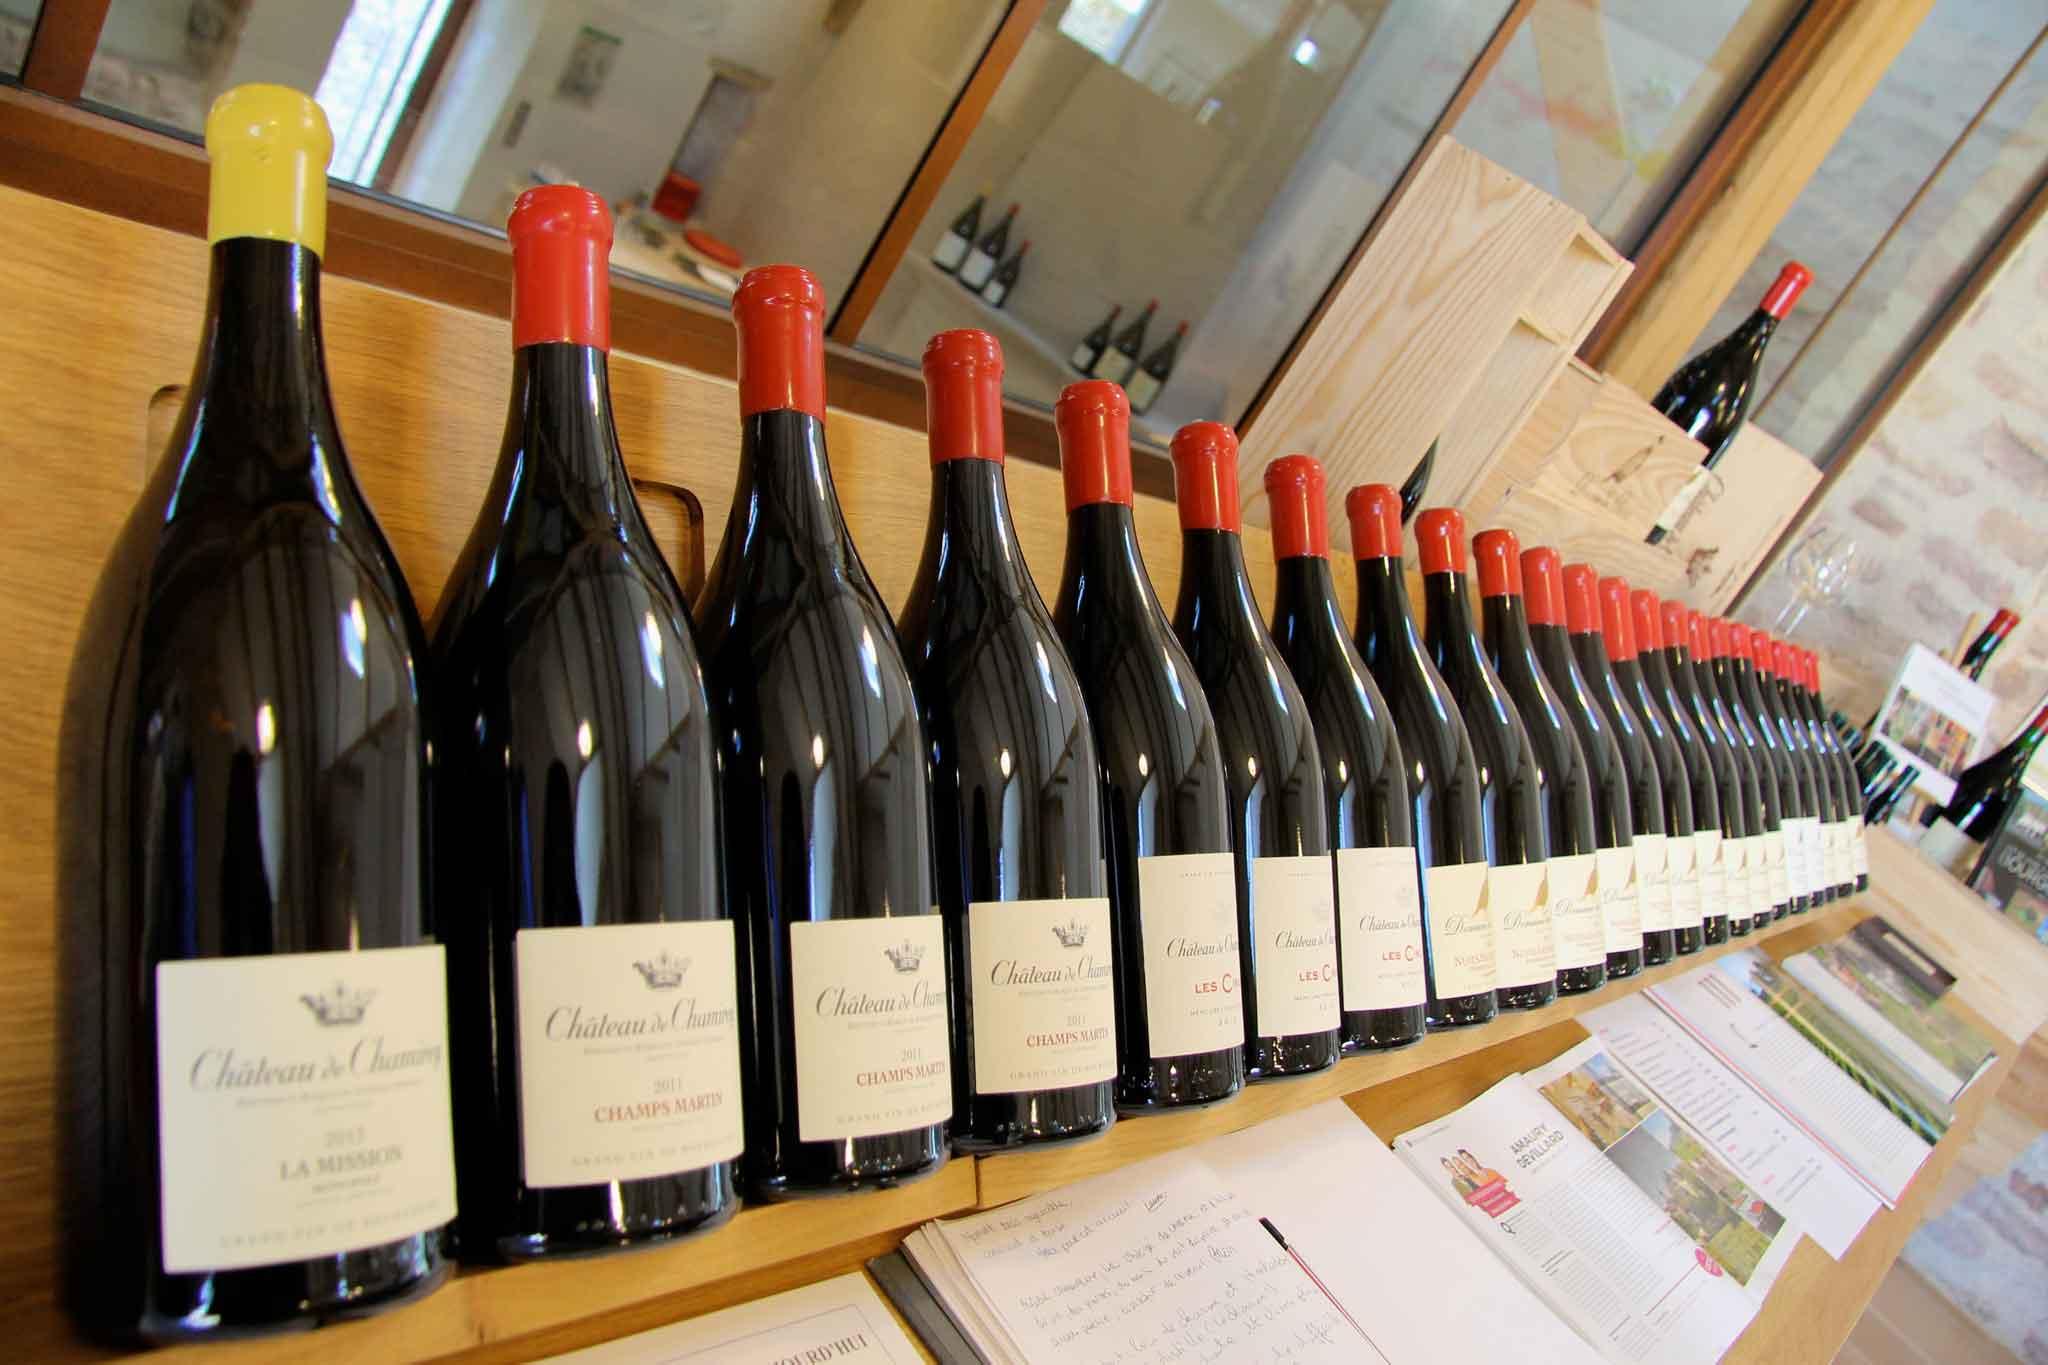 vino Chateau de Chamirey